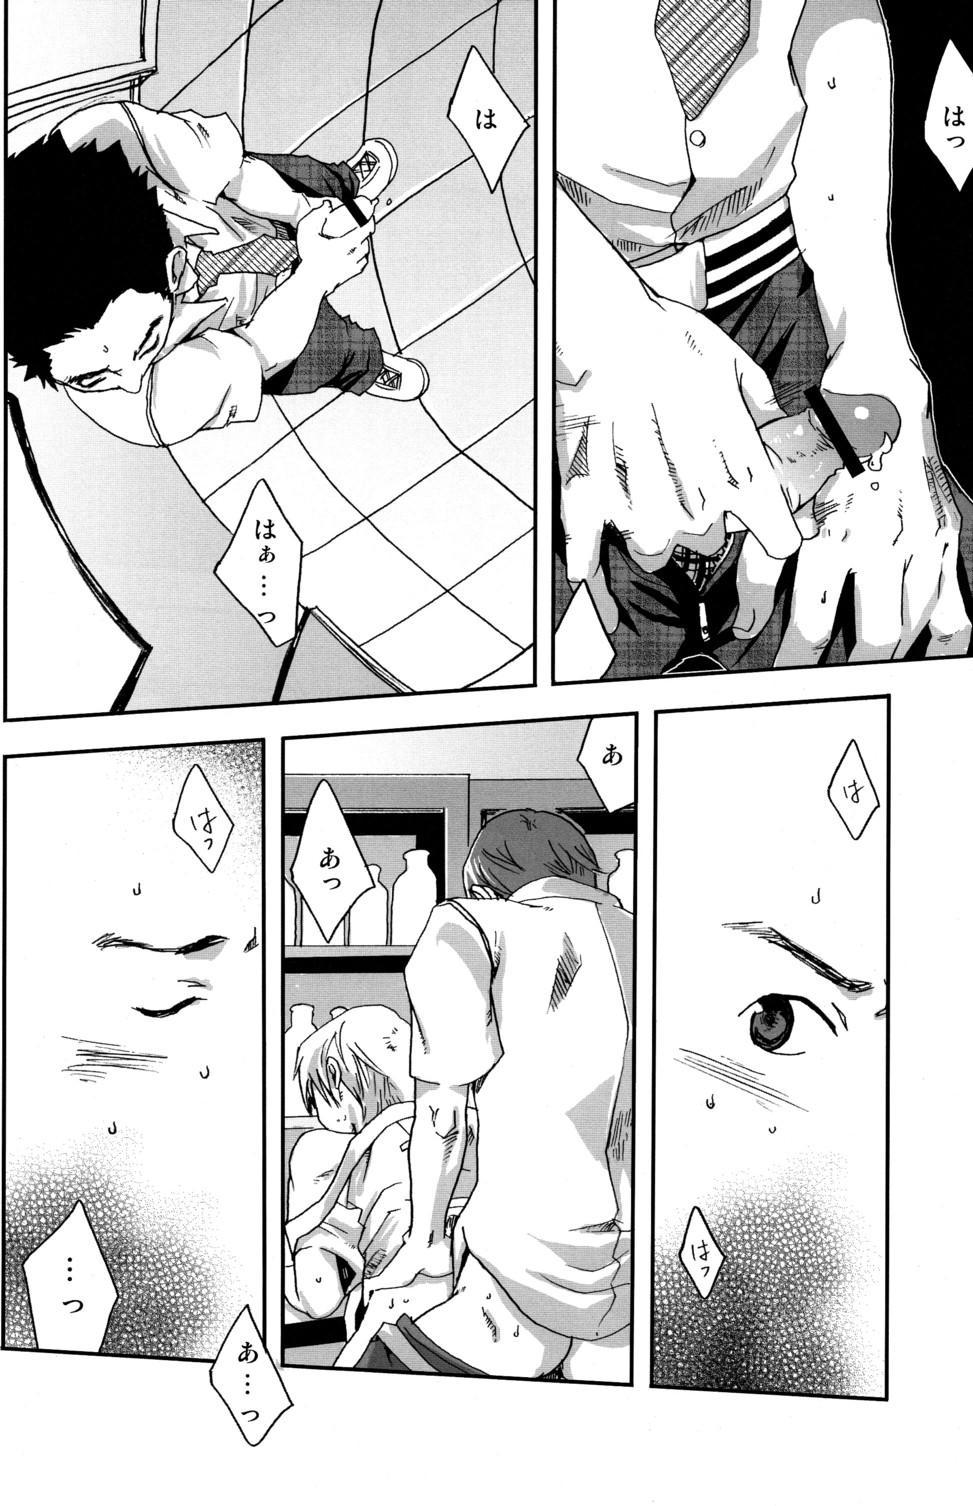 (C78) [Box (Tsukumo Gou)] 【19号(つくも号)】そう言って君は笑うSou Itte Kimi wa Warau 11